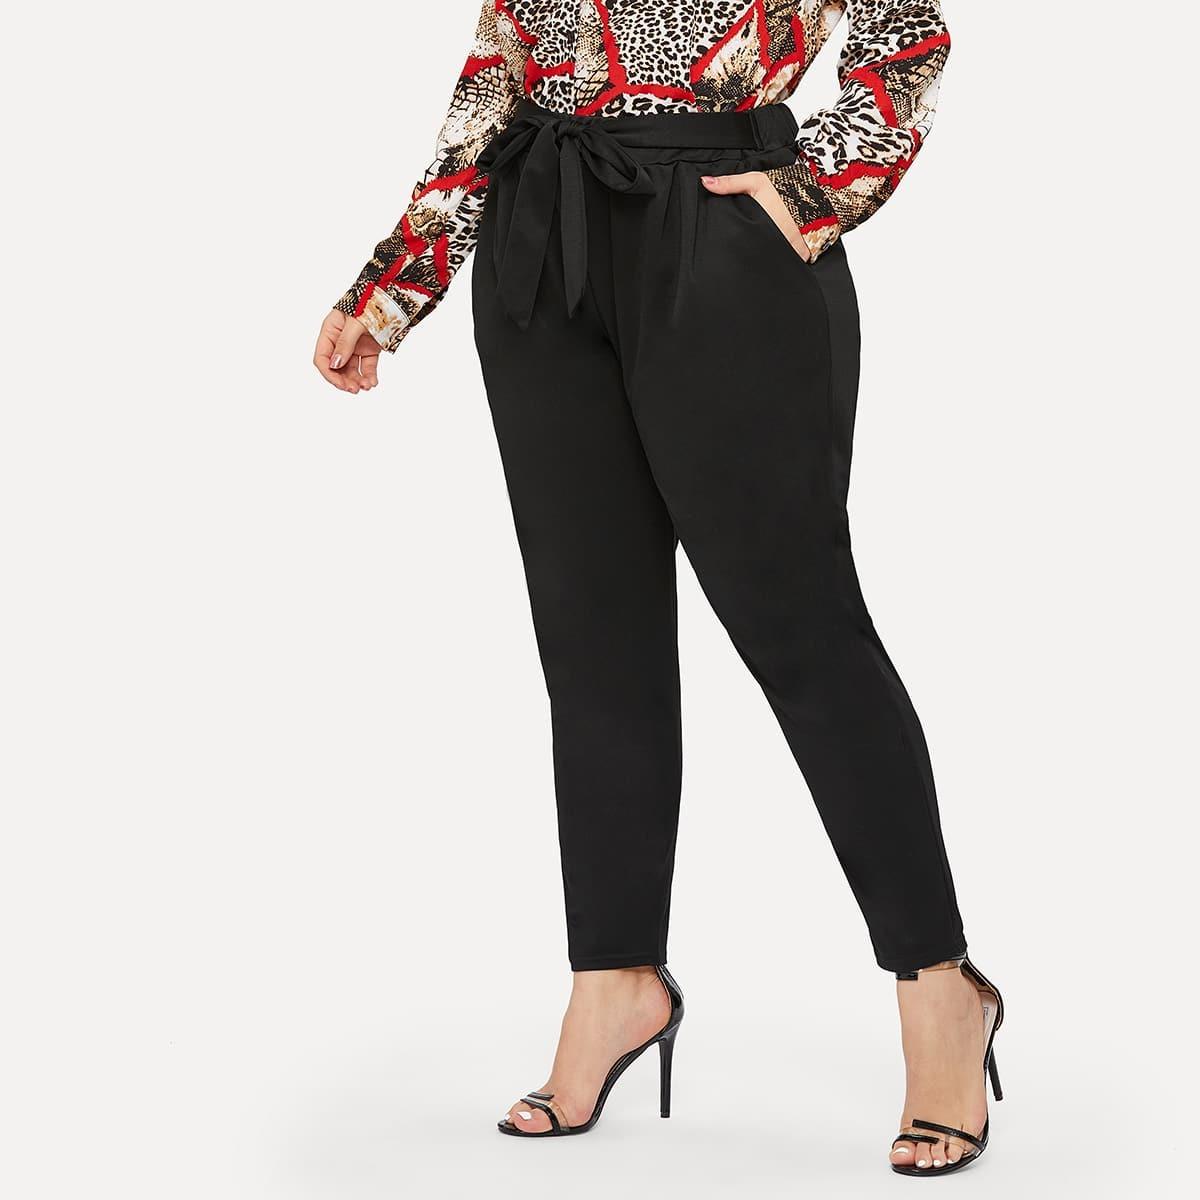 SHEIN / Pantalones sólidos de cintura con lazo-grande